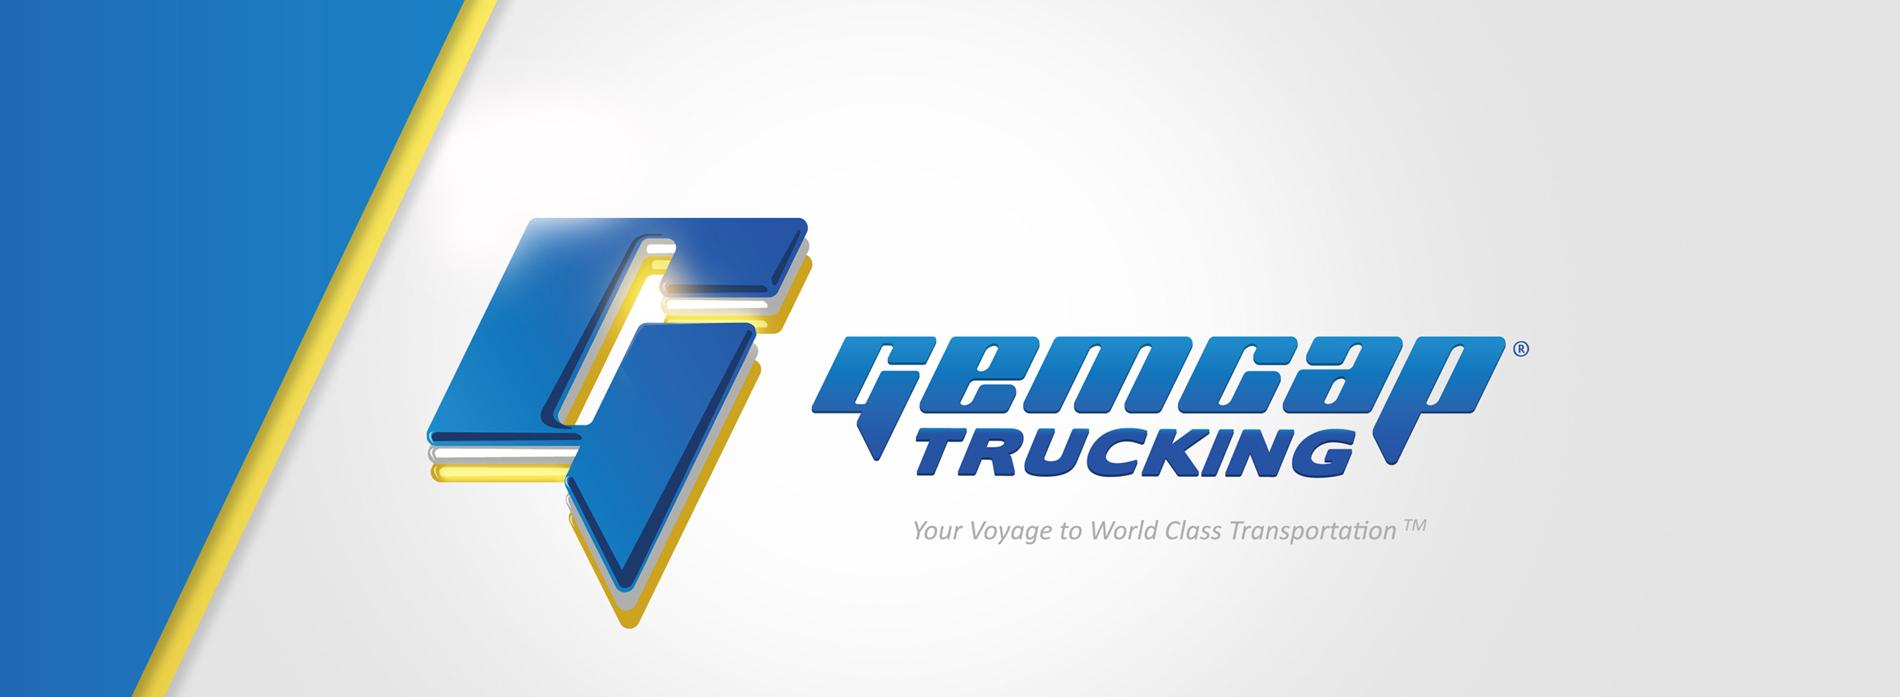 gemcap-trucking-bannersmall41